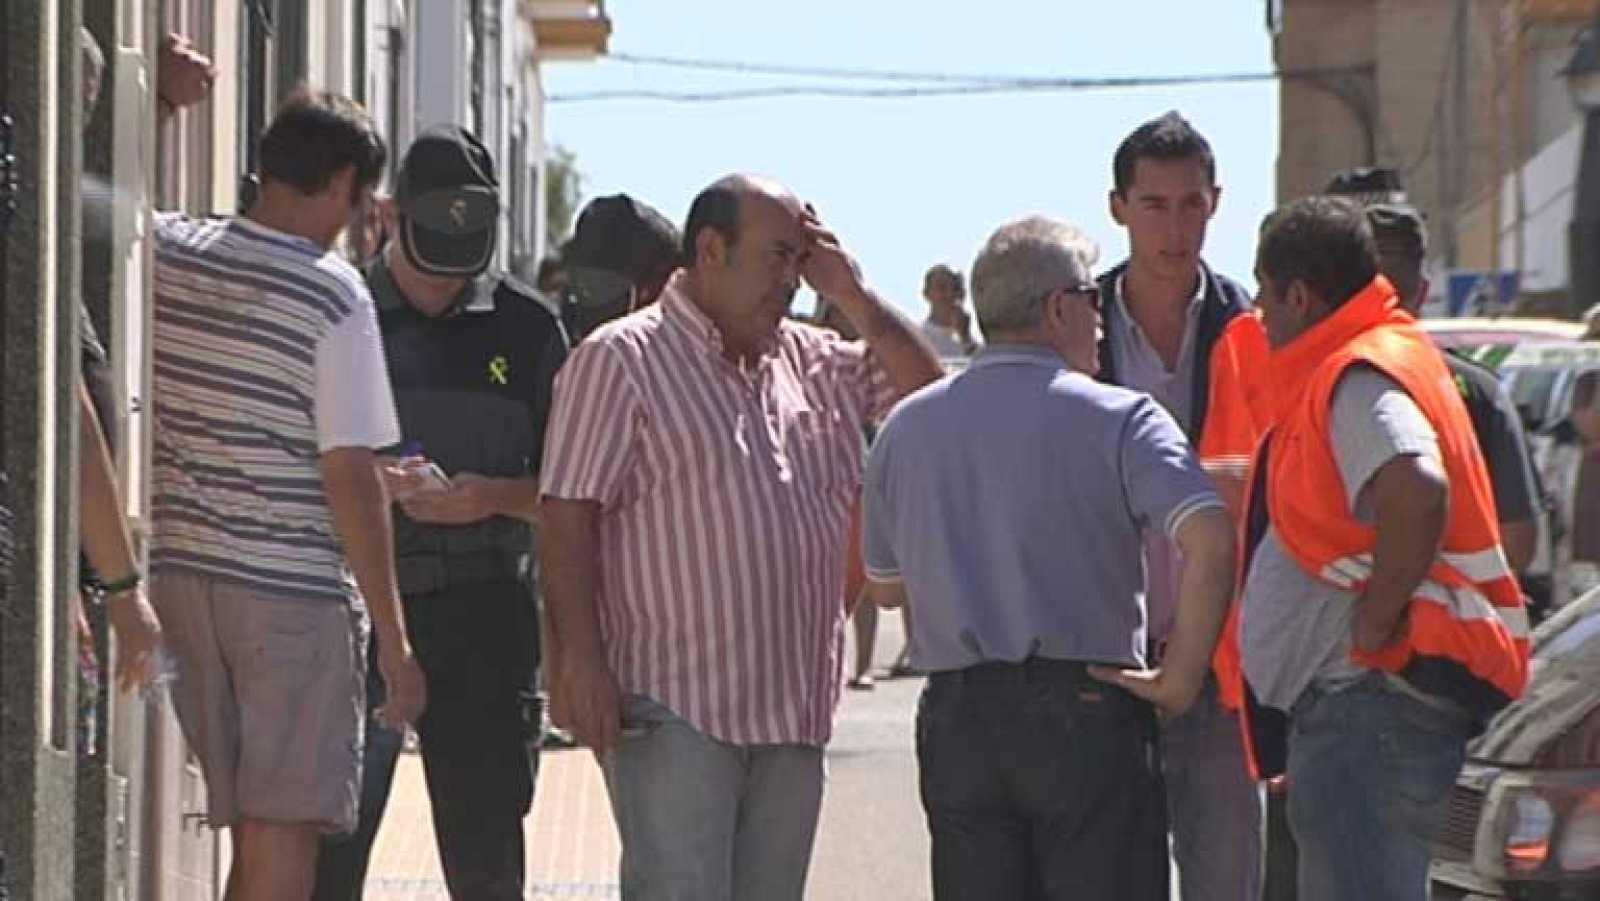 Una mujer muere asesinada por su marido en Villafranca de los Barros, Badajoz